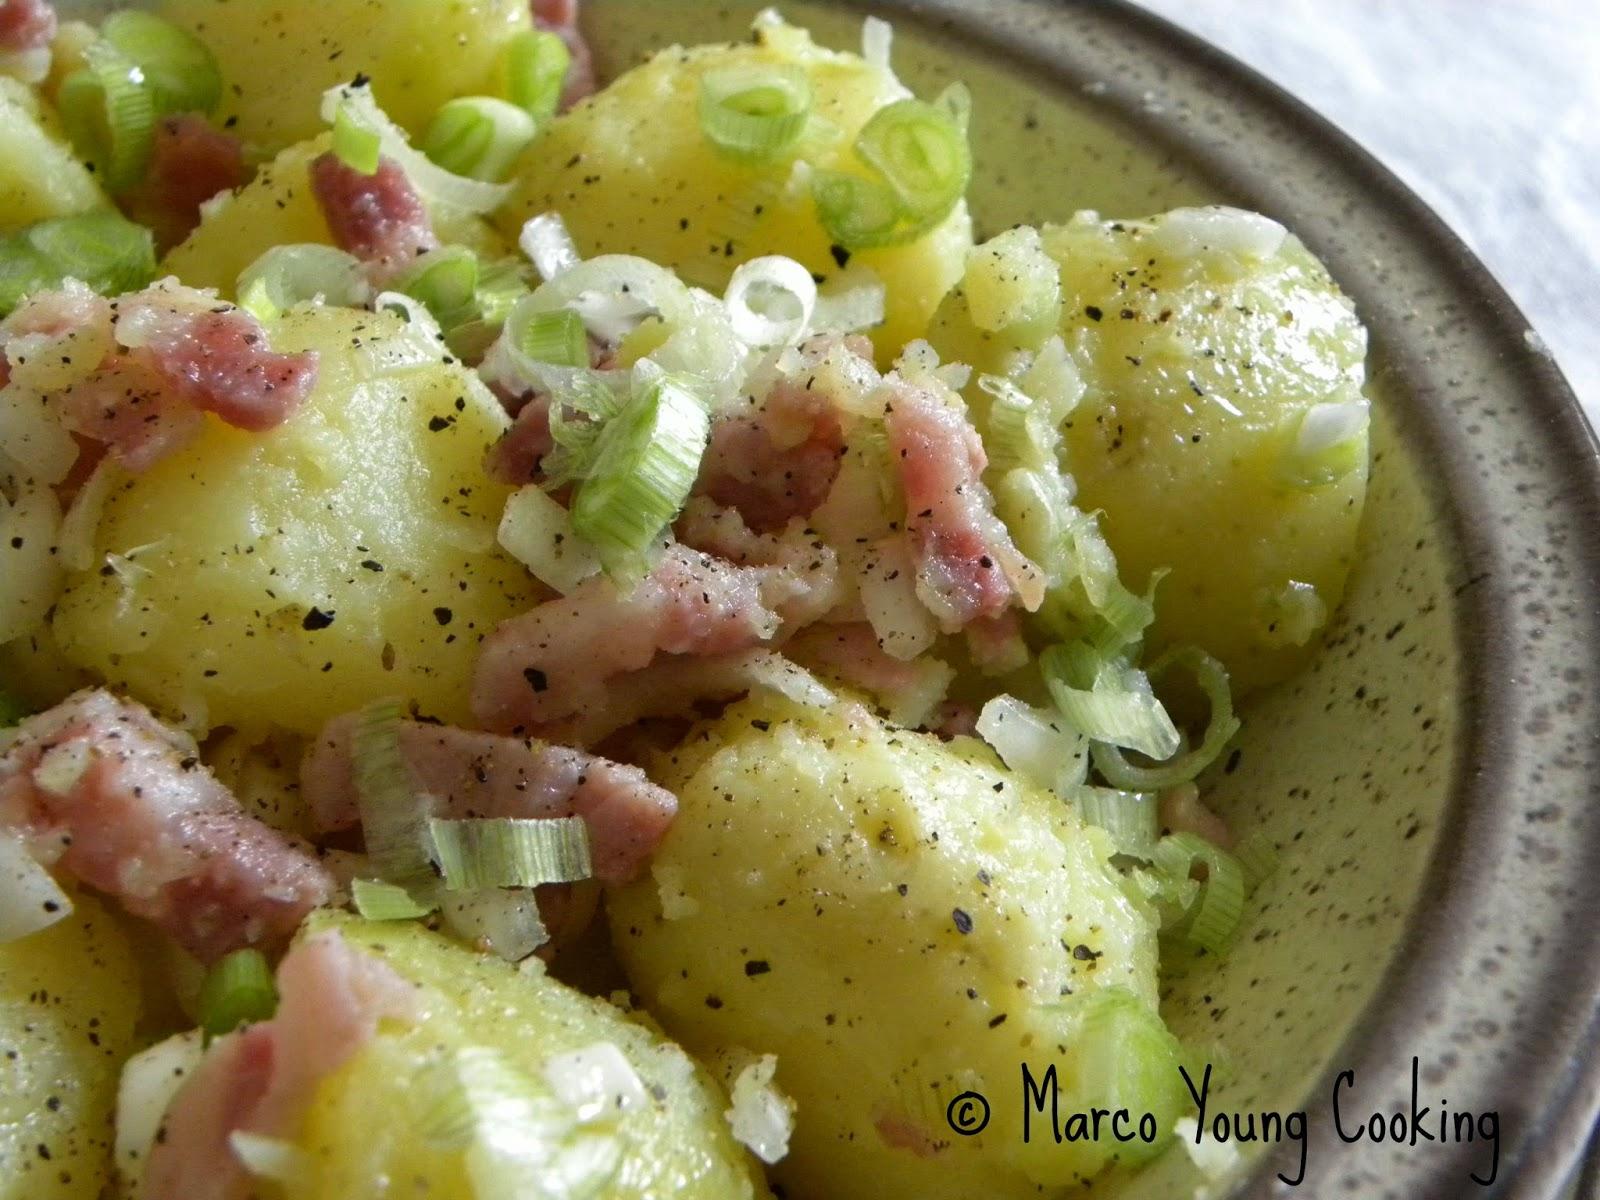 ricetta insalata di patate con pancetta croccante e cipollotto